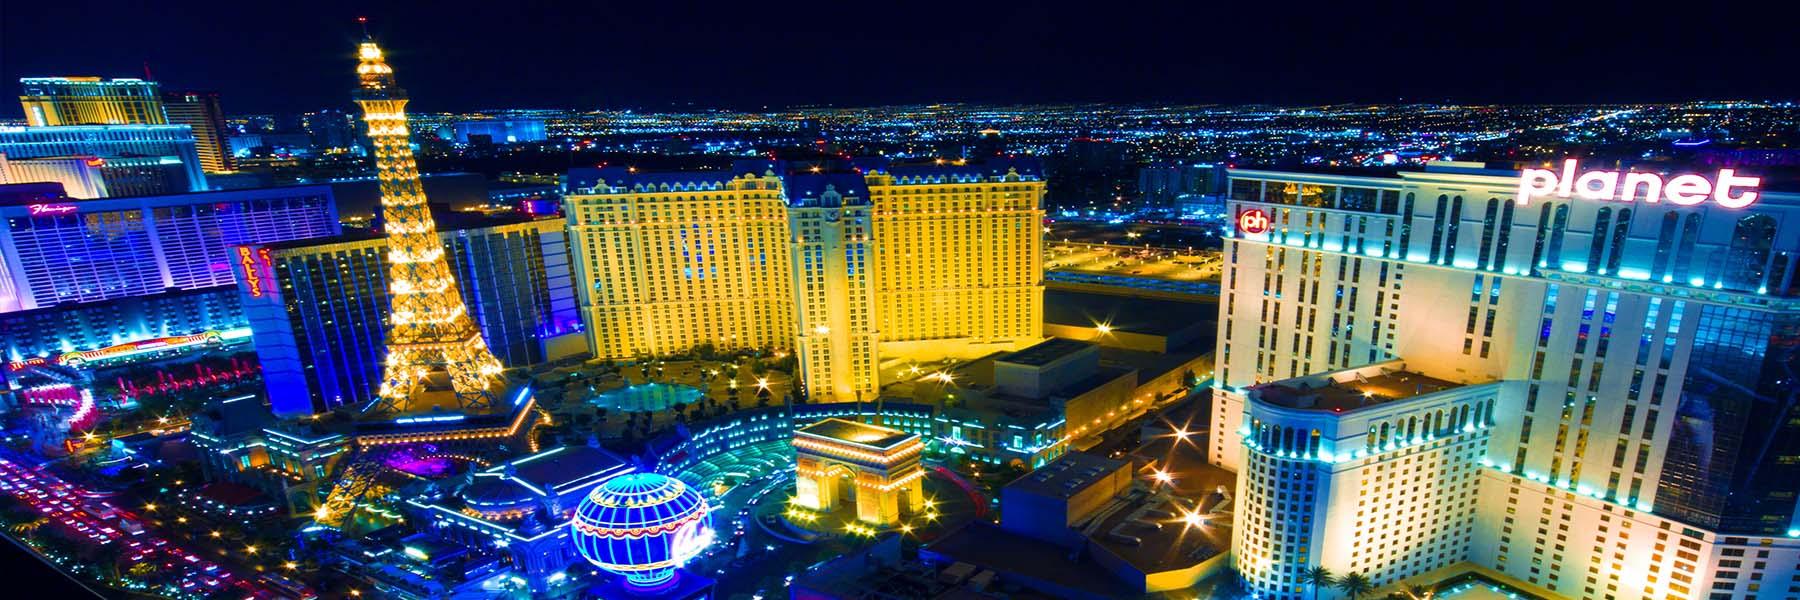 Jeux casino : du divertissement pour tout le monde